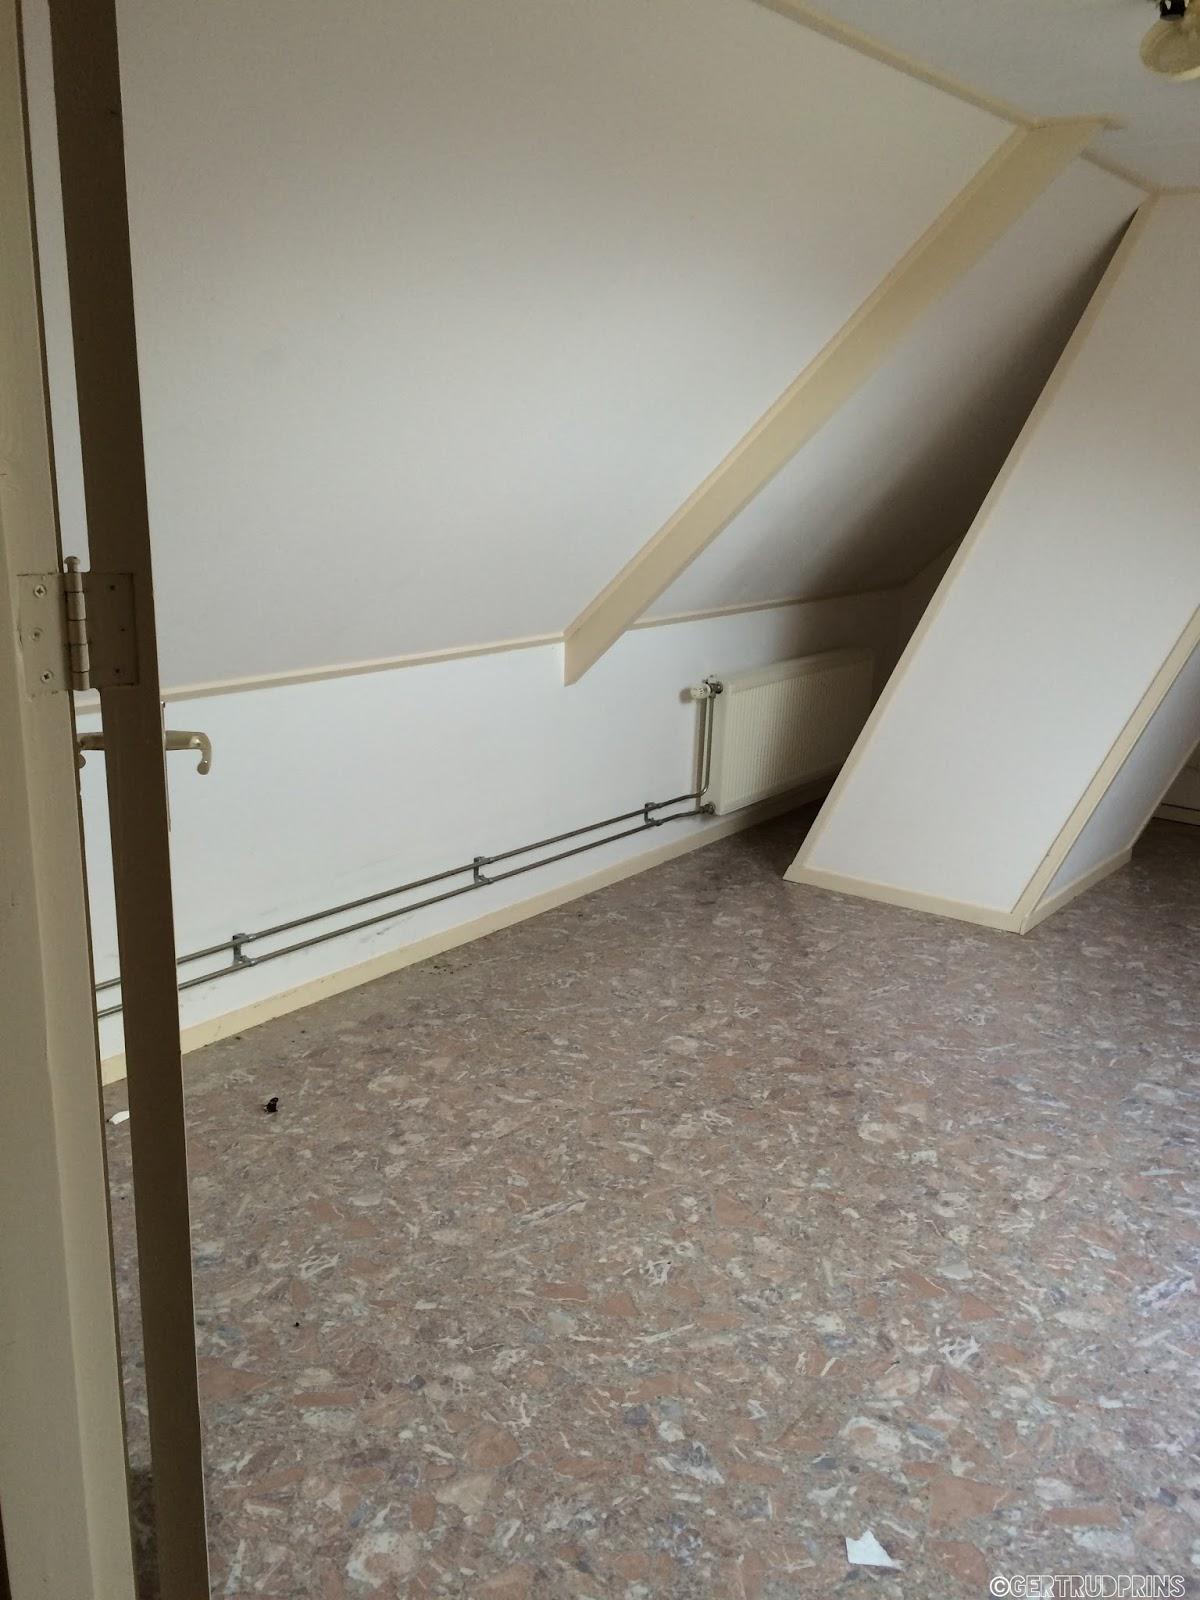 Thuis op nummer 14: bijna 1 ruimte afvinken...?!